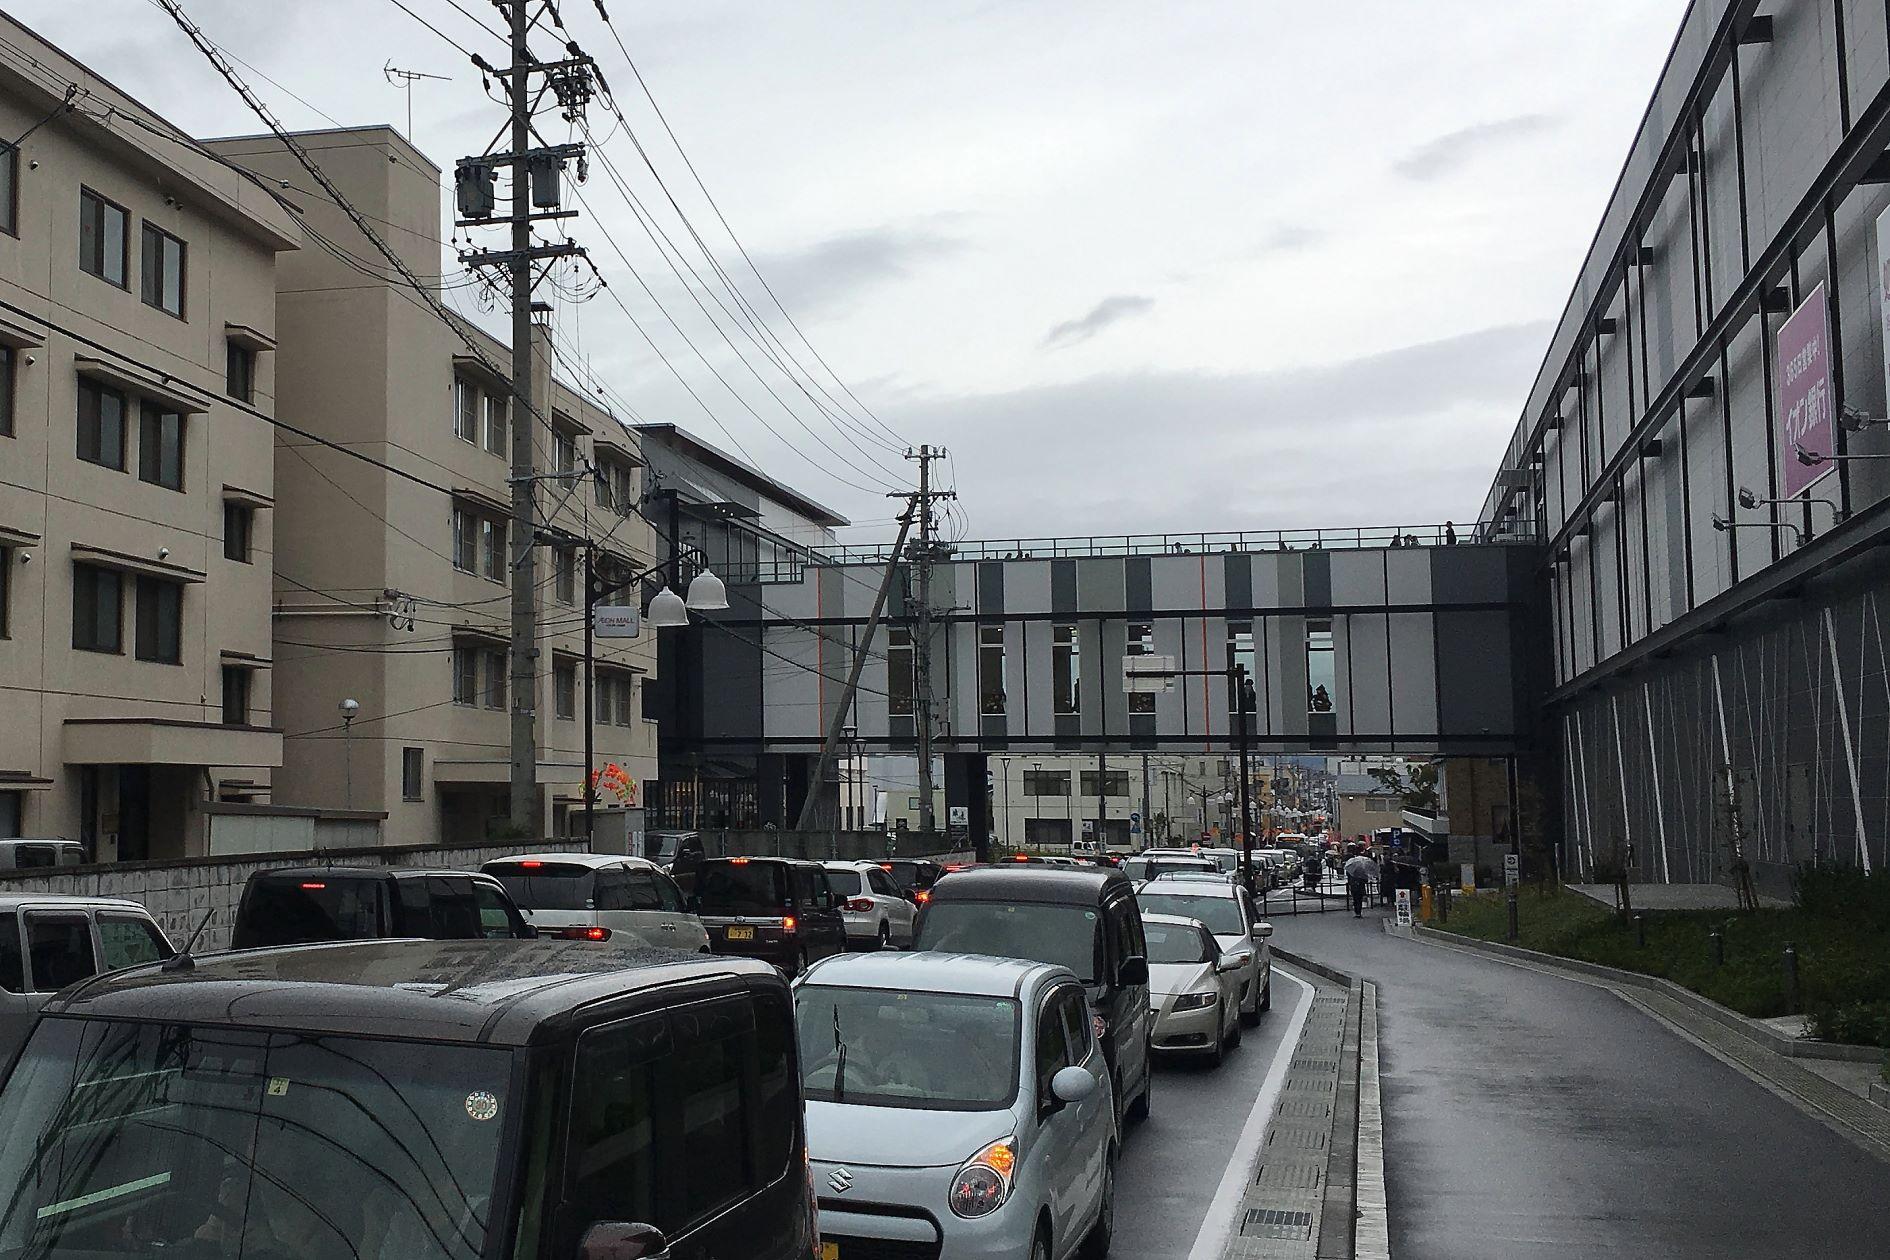 松本市巨大モール渋滞に引き続きご注意ください。